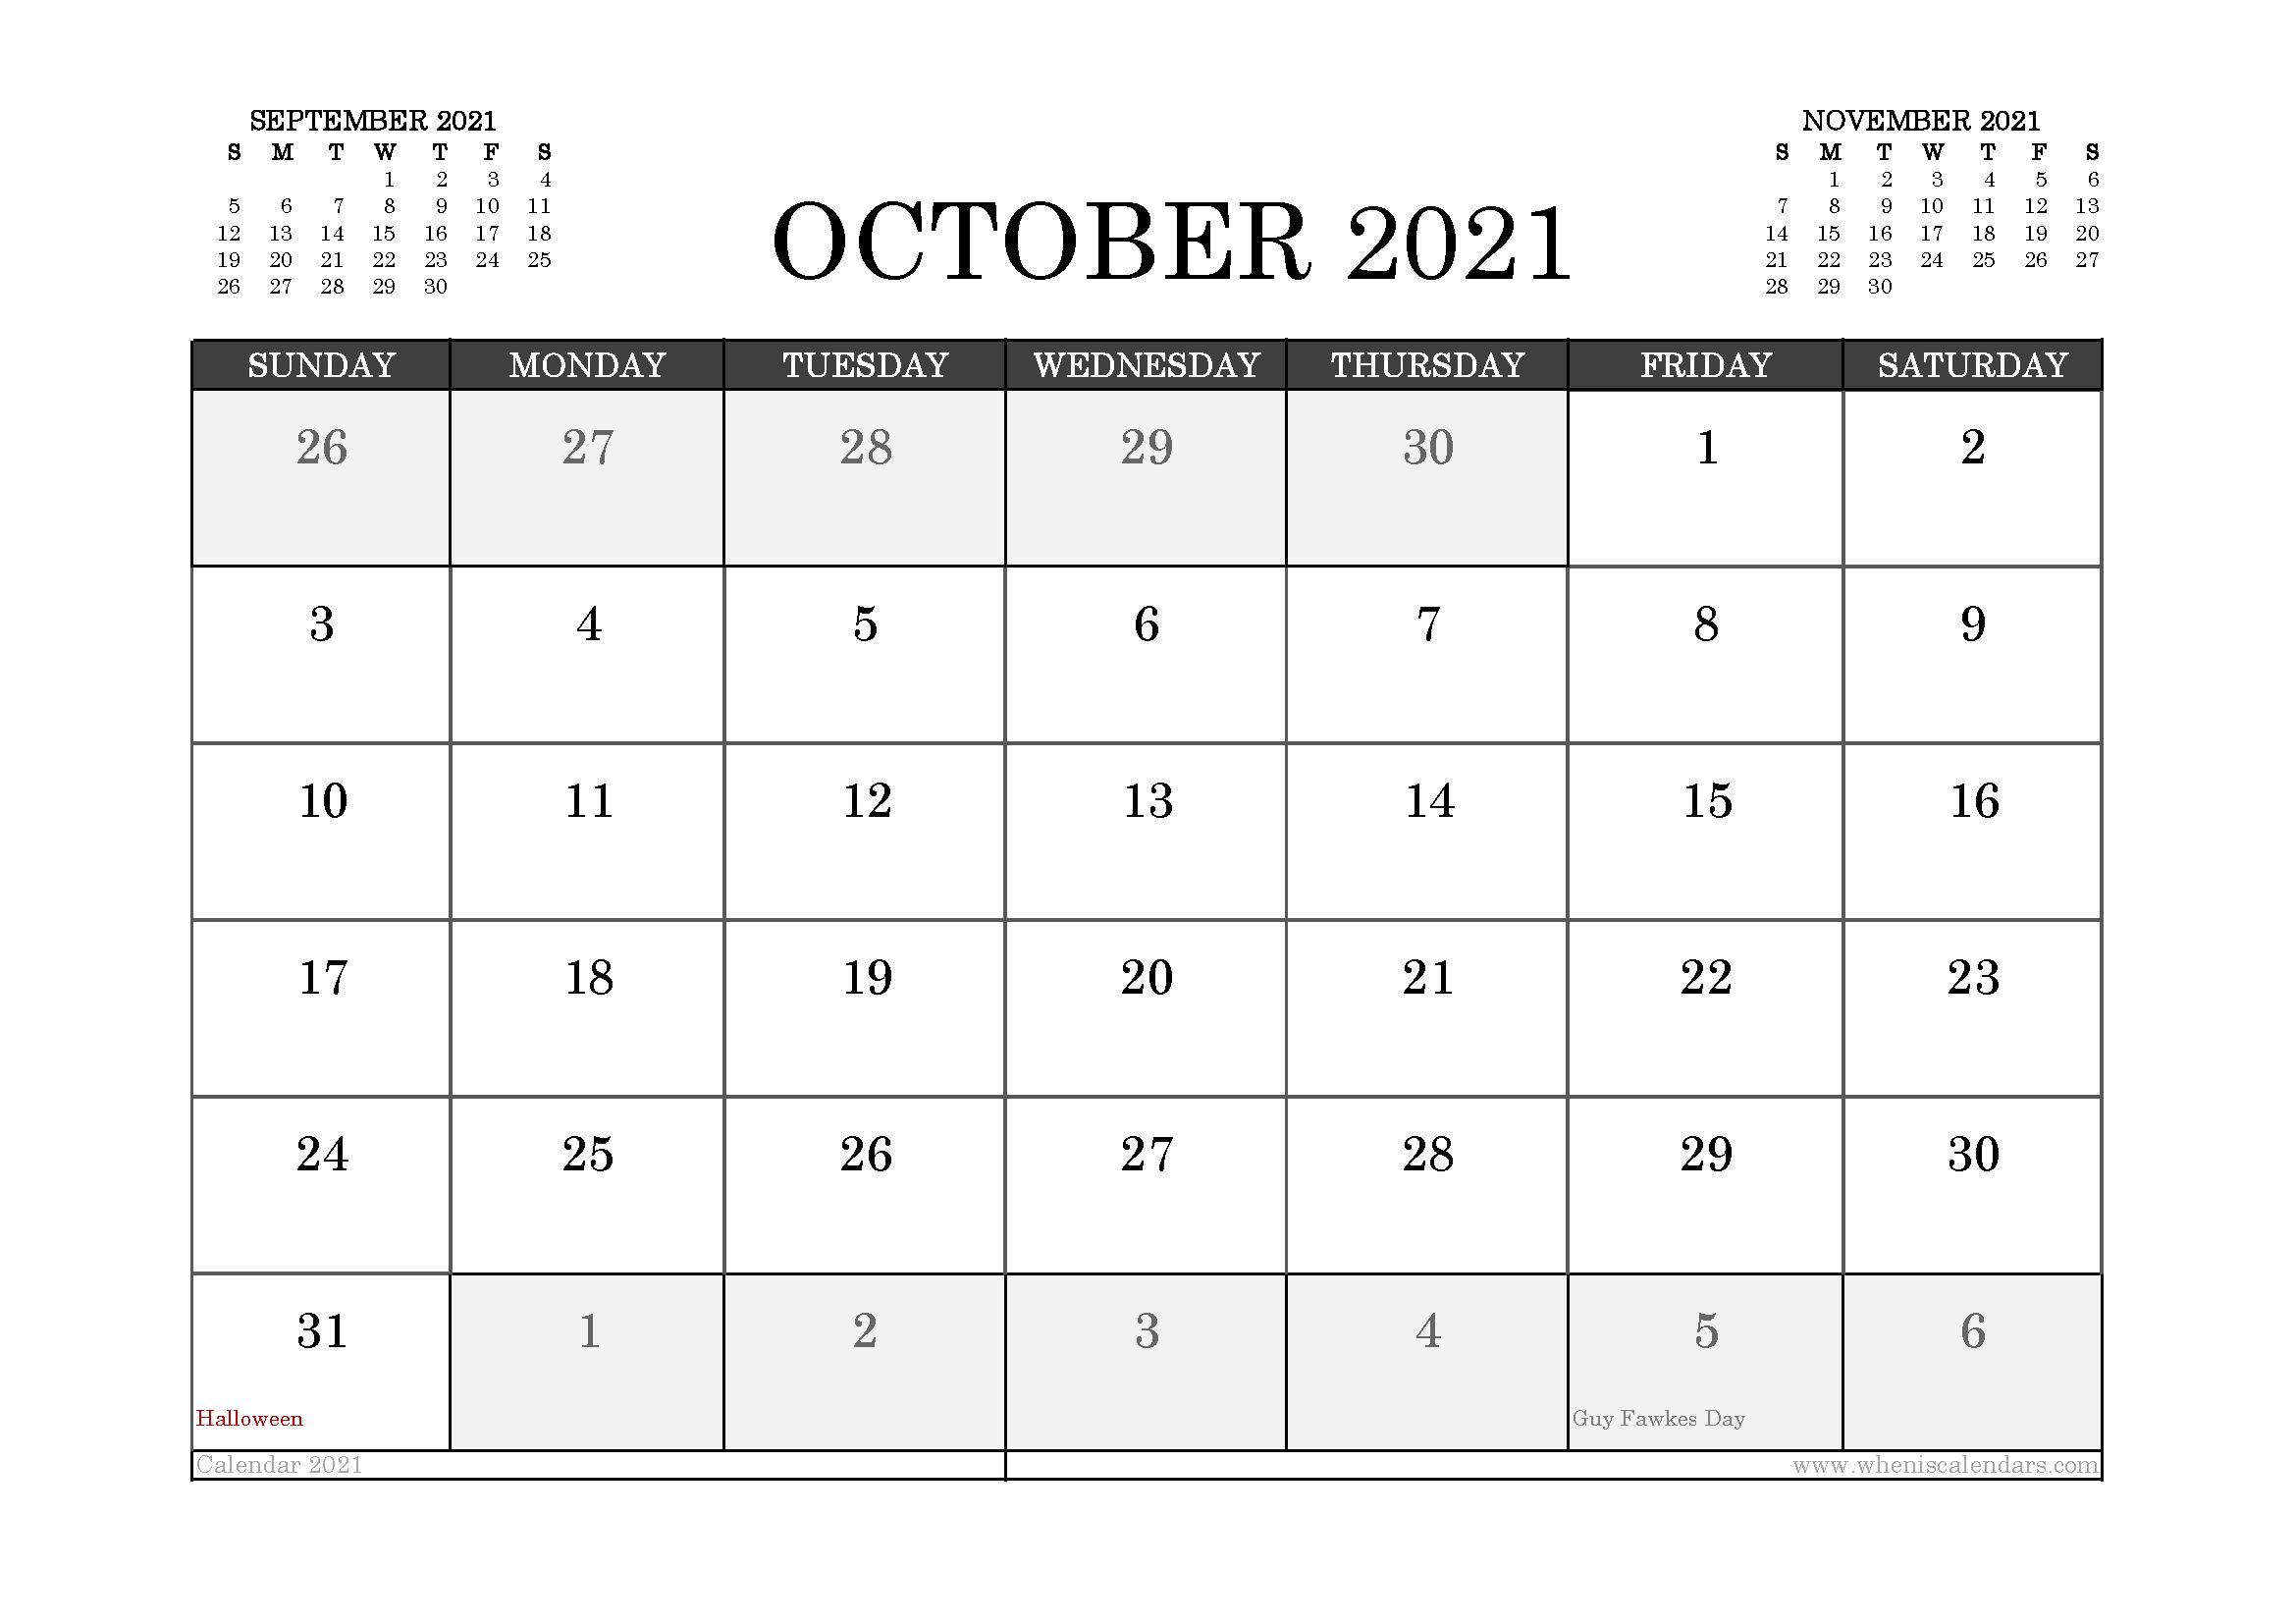 October 2021 Calendar UK with Holidays